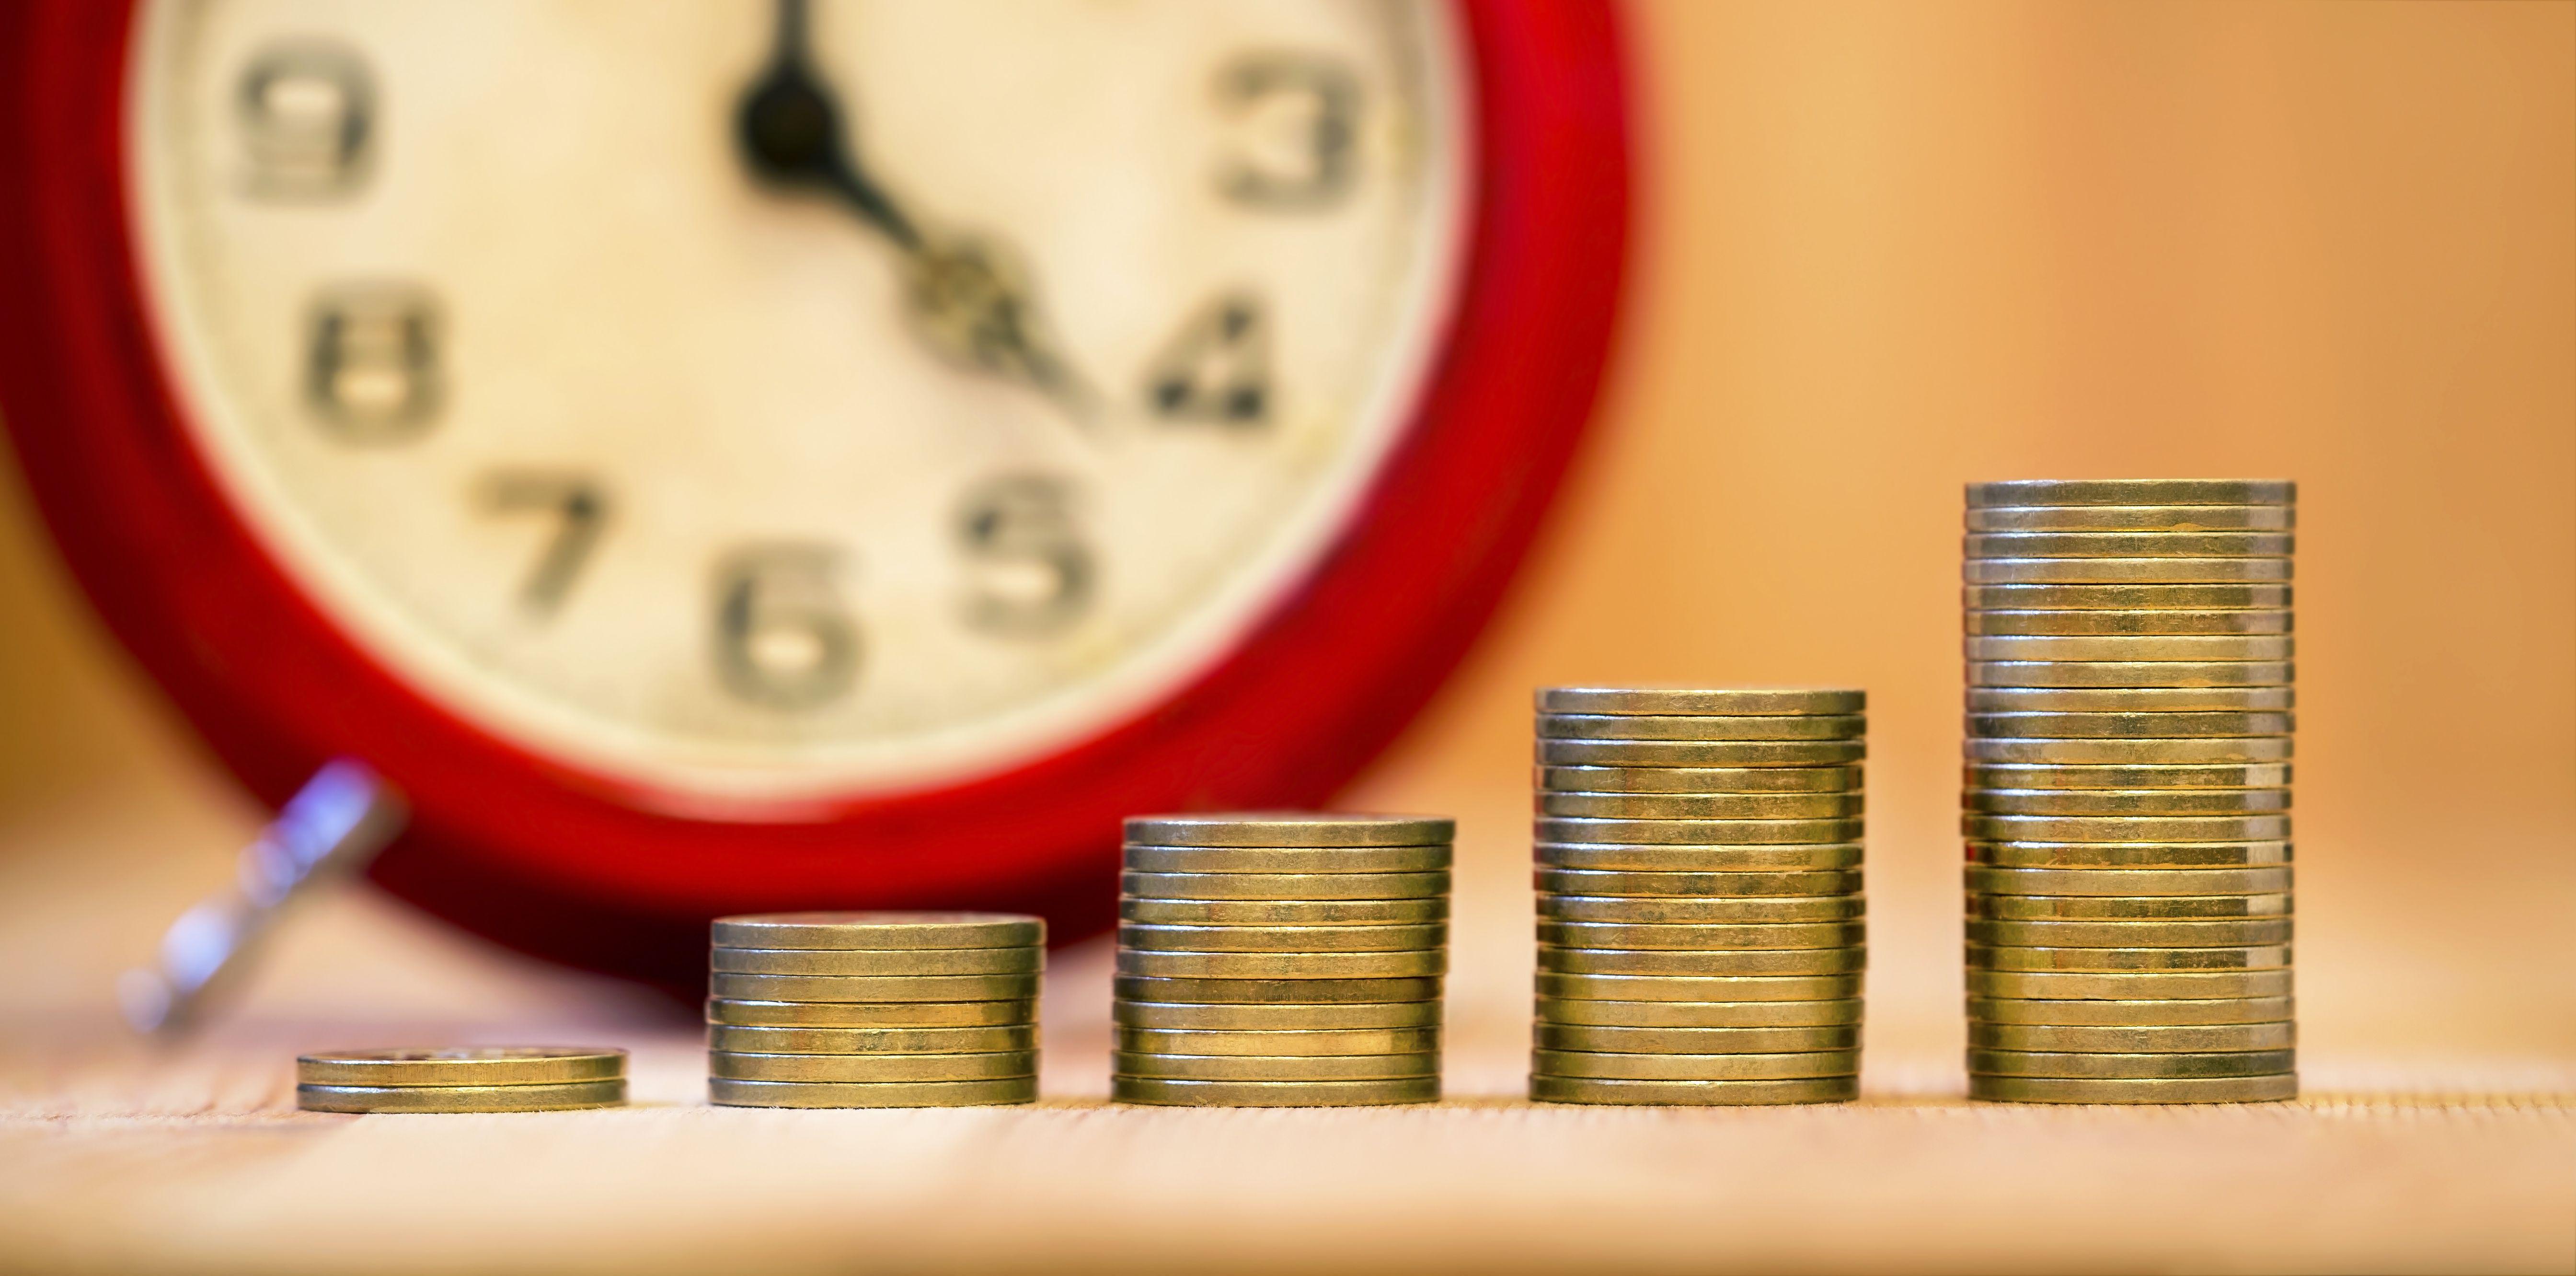 ikverdiengeldmet_tijdisgeld